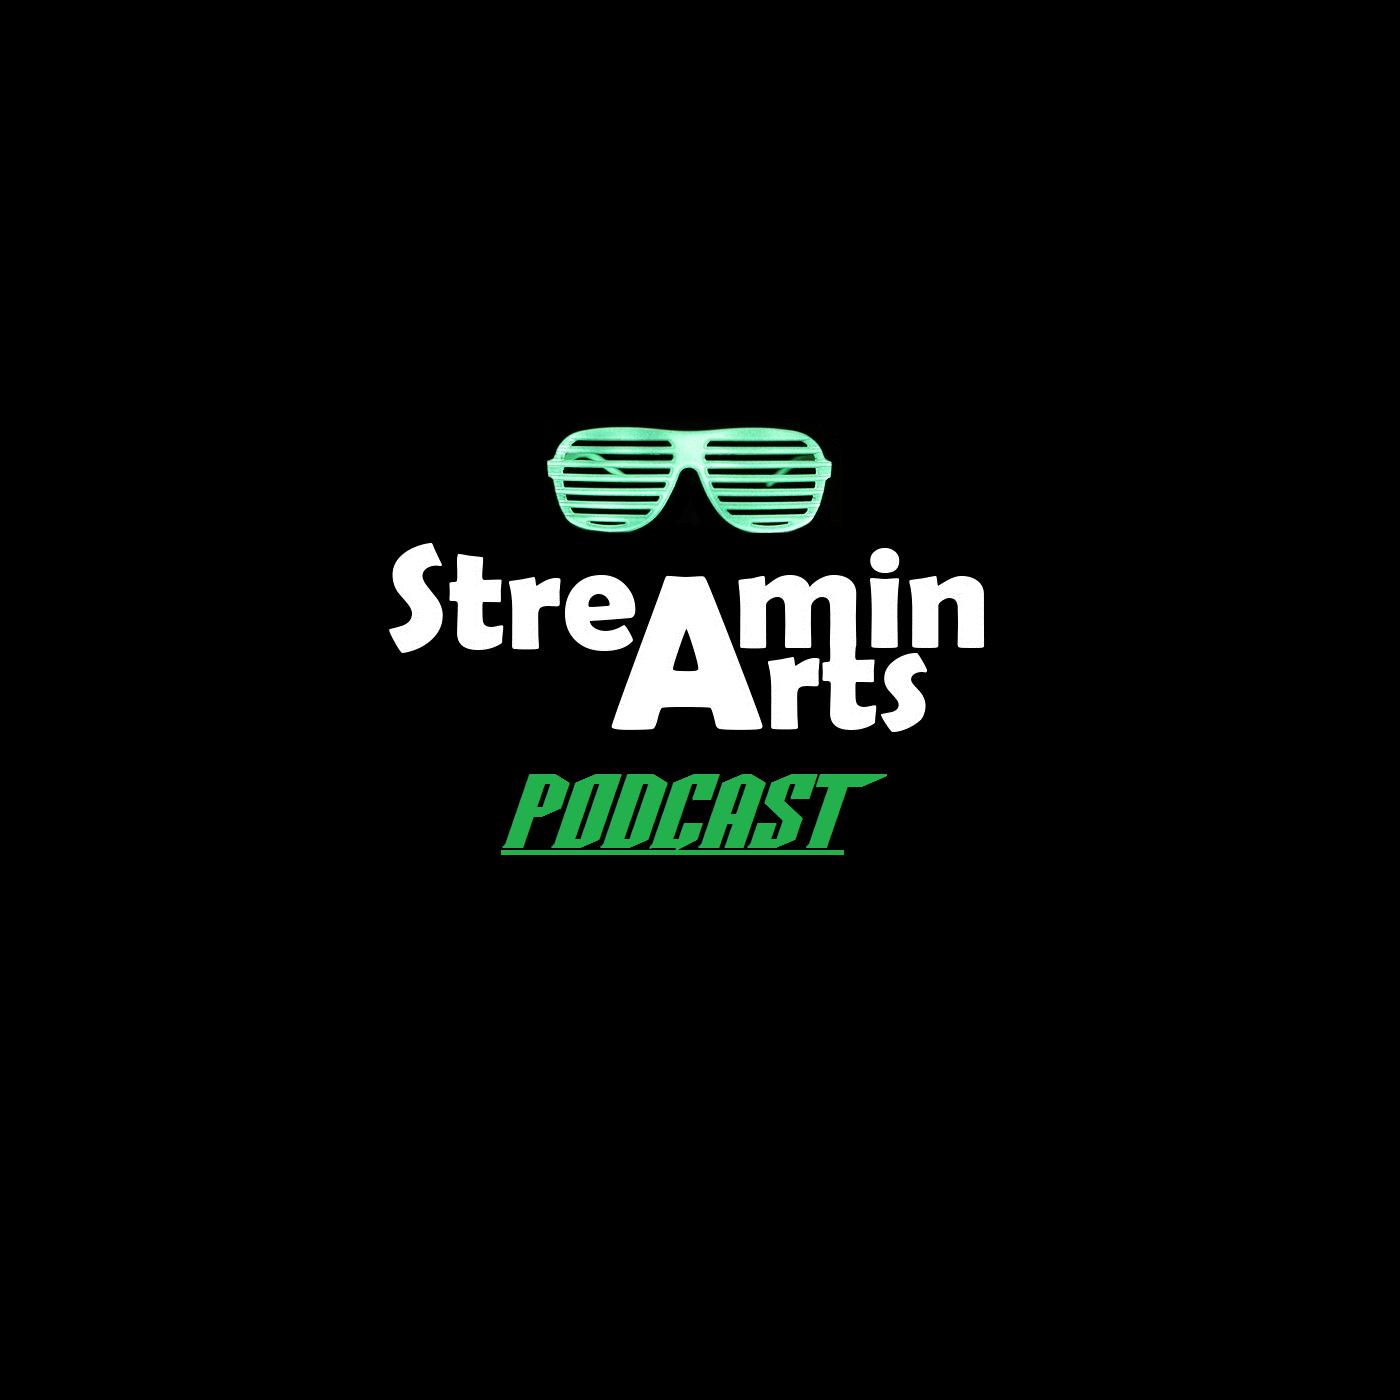 StreaminArts